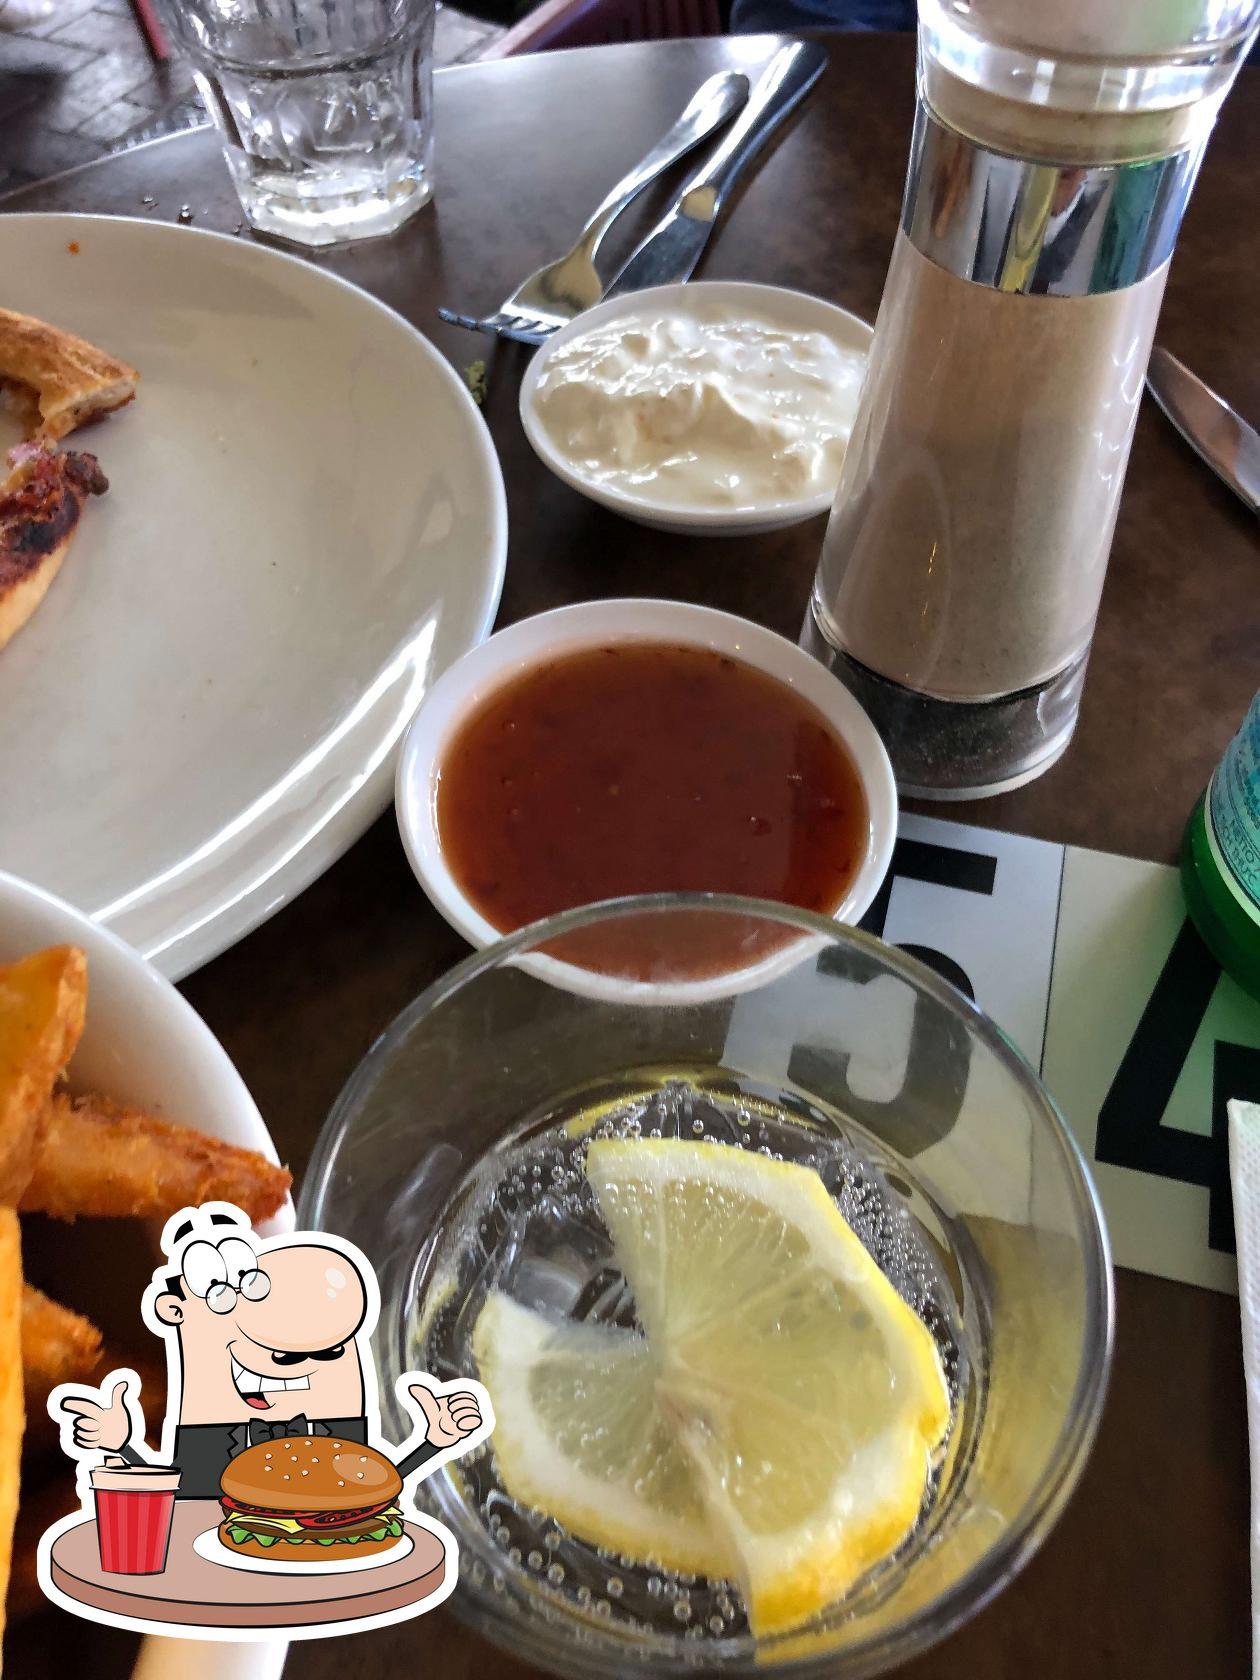 В Sfizio Cucina e Caffé вы можете попробовать гамбургеры